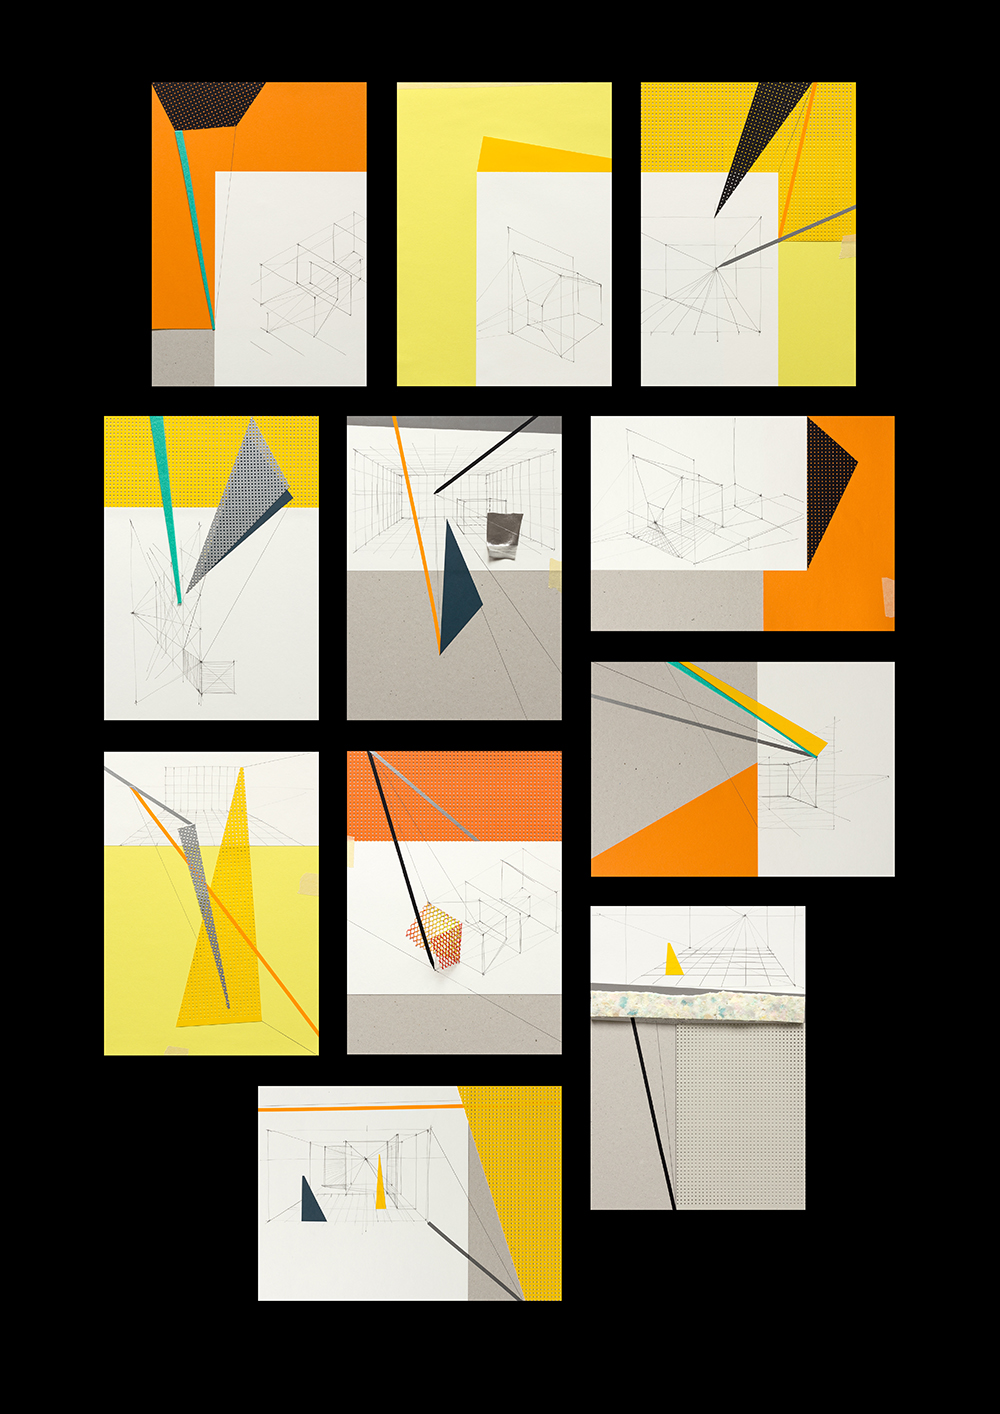 marta colombo drawing - Kassel